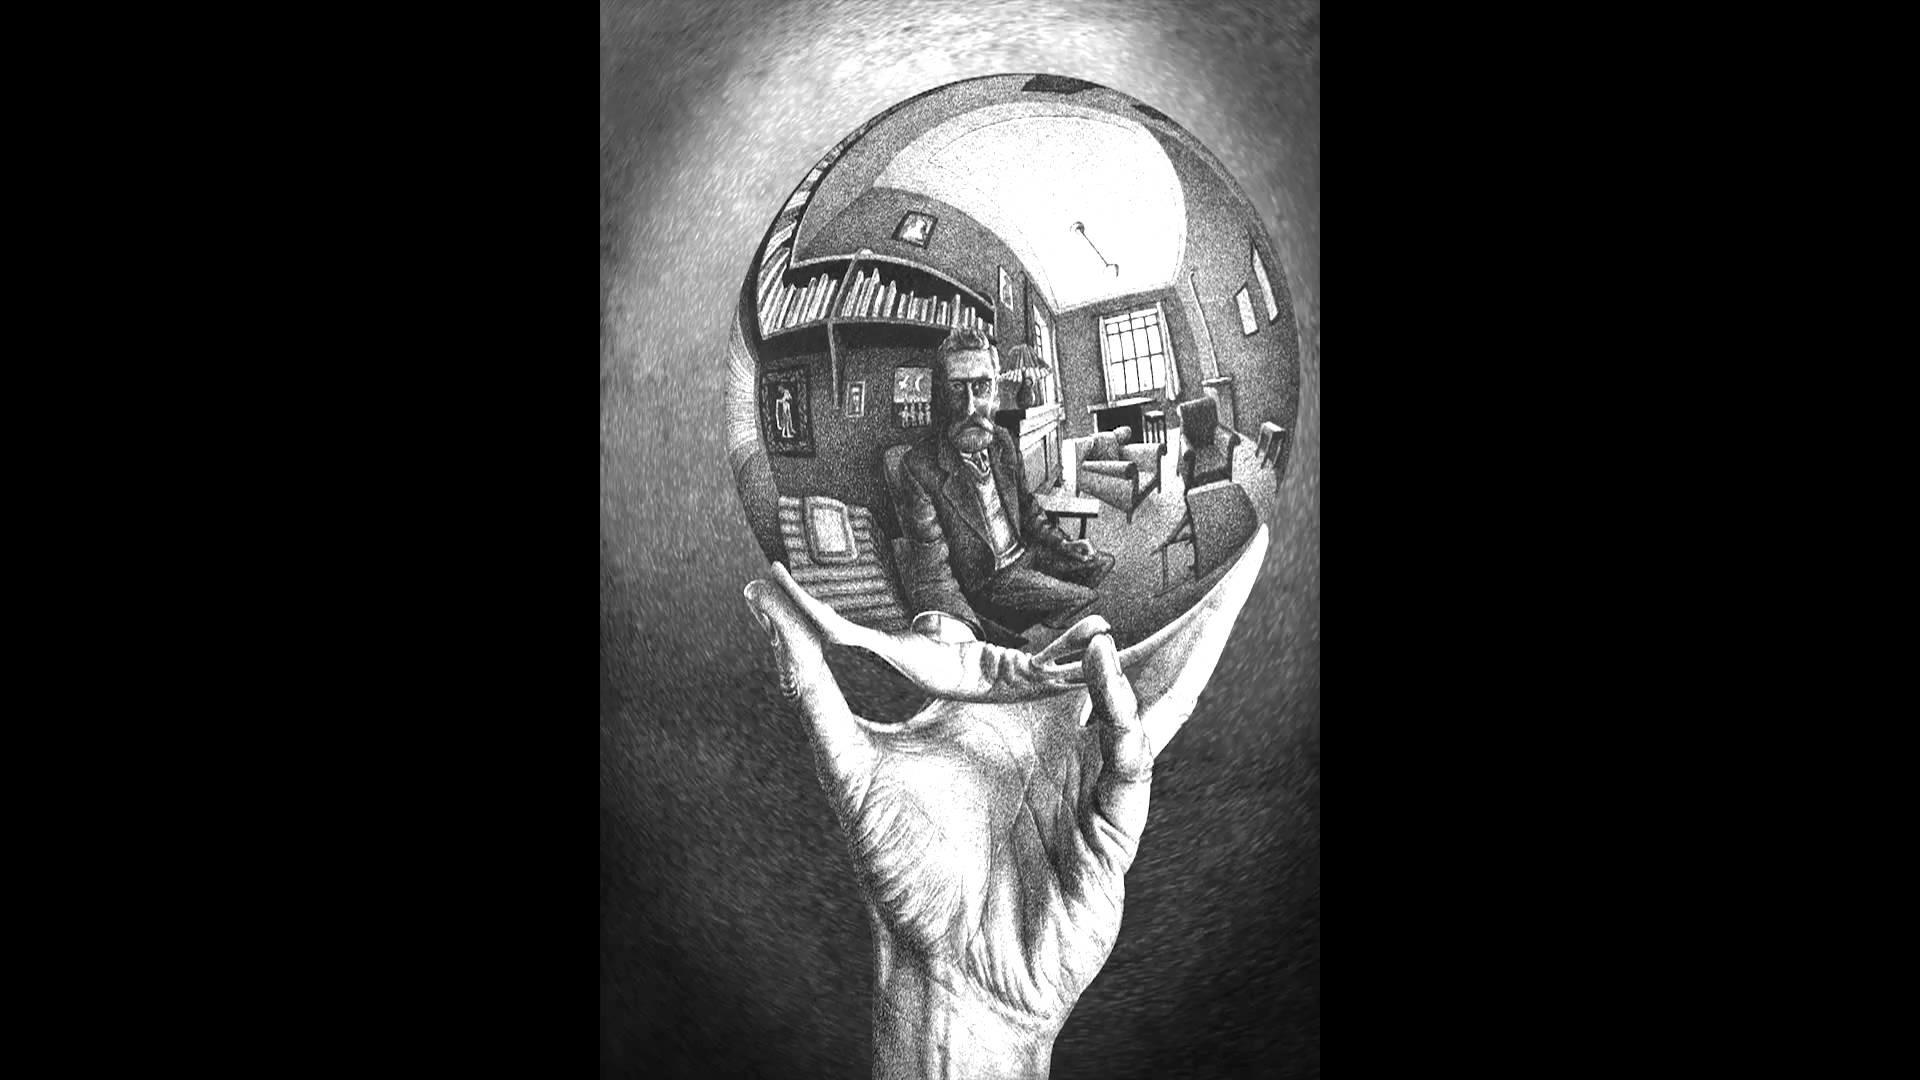 M.C. Escher After Effects assignment, 3D space